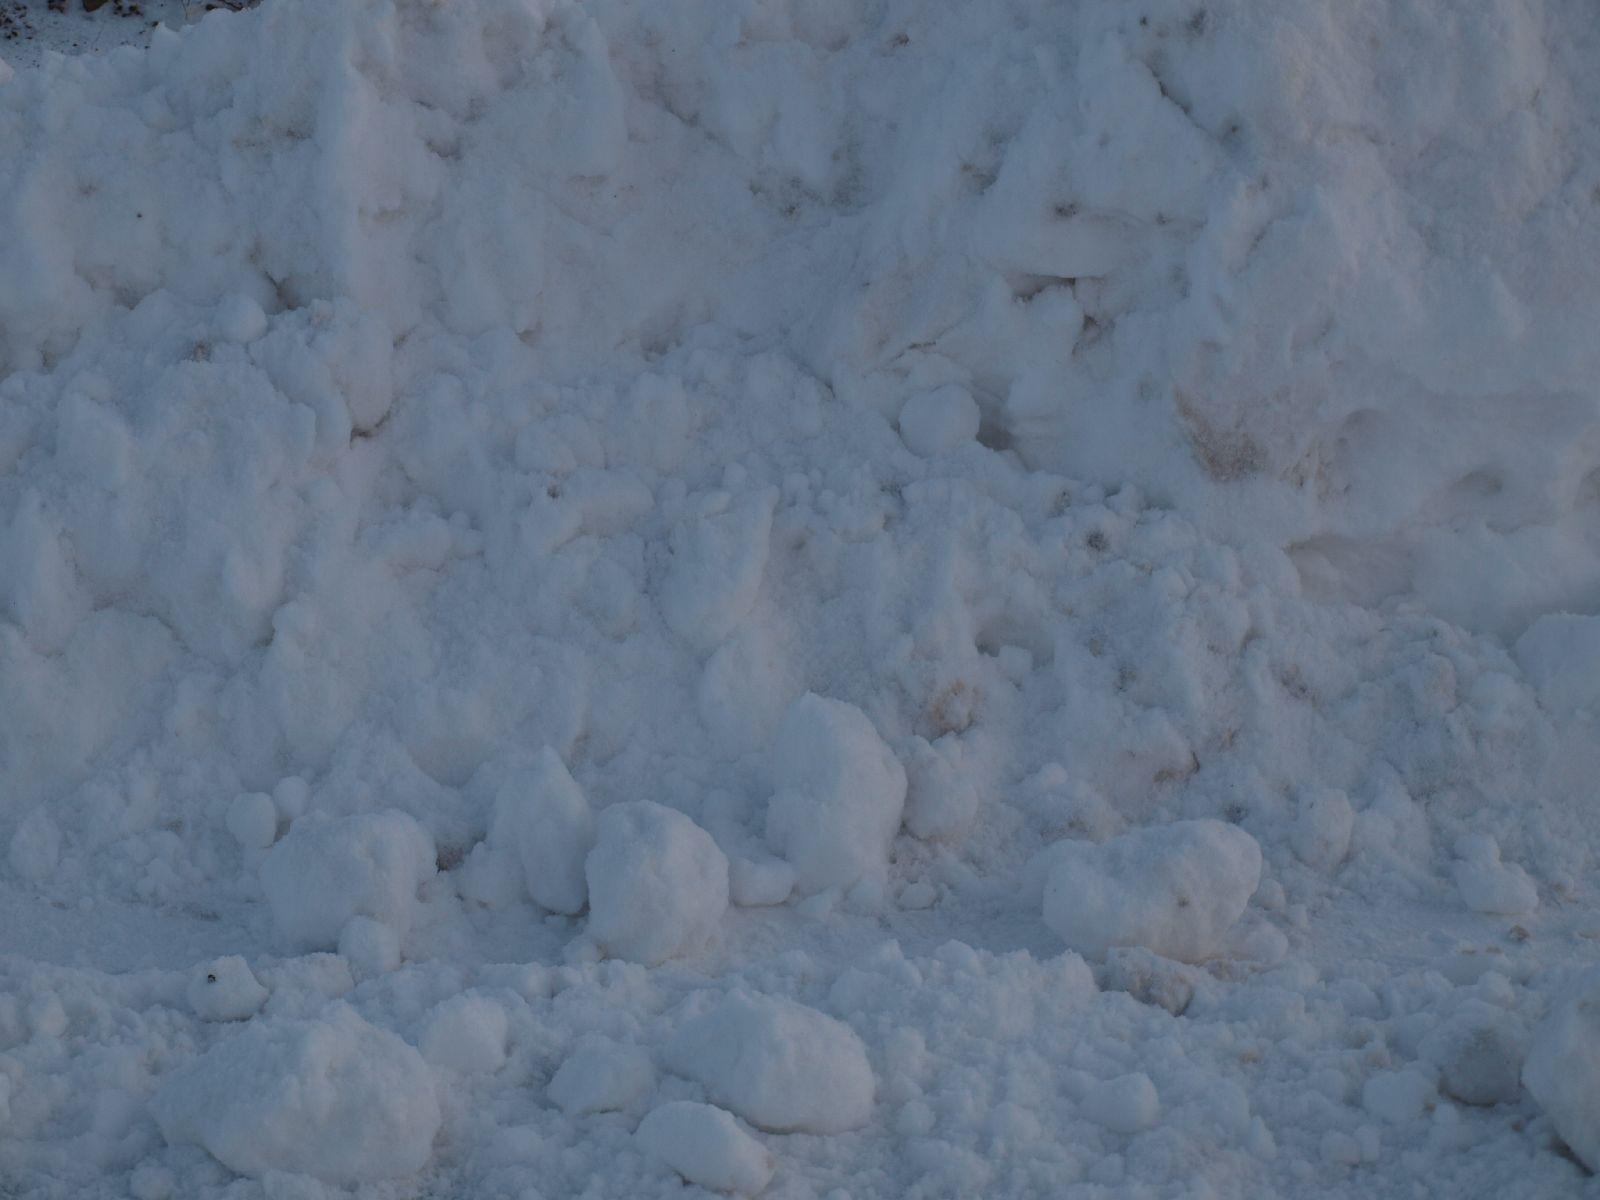 Schnee-Eis_Textur_A_PC211514